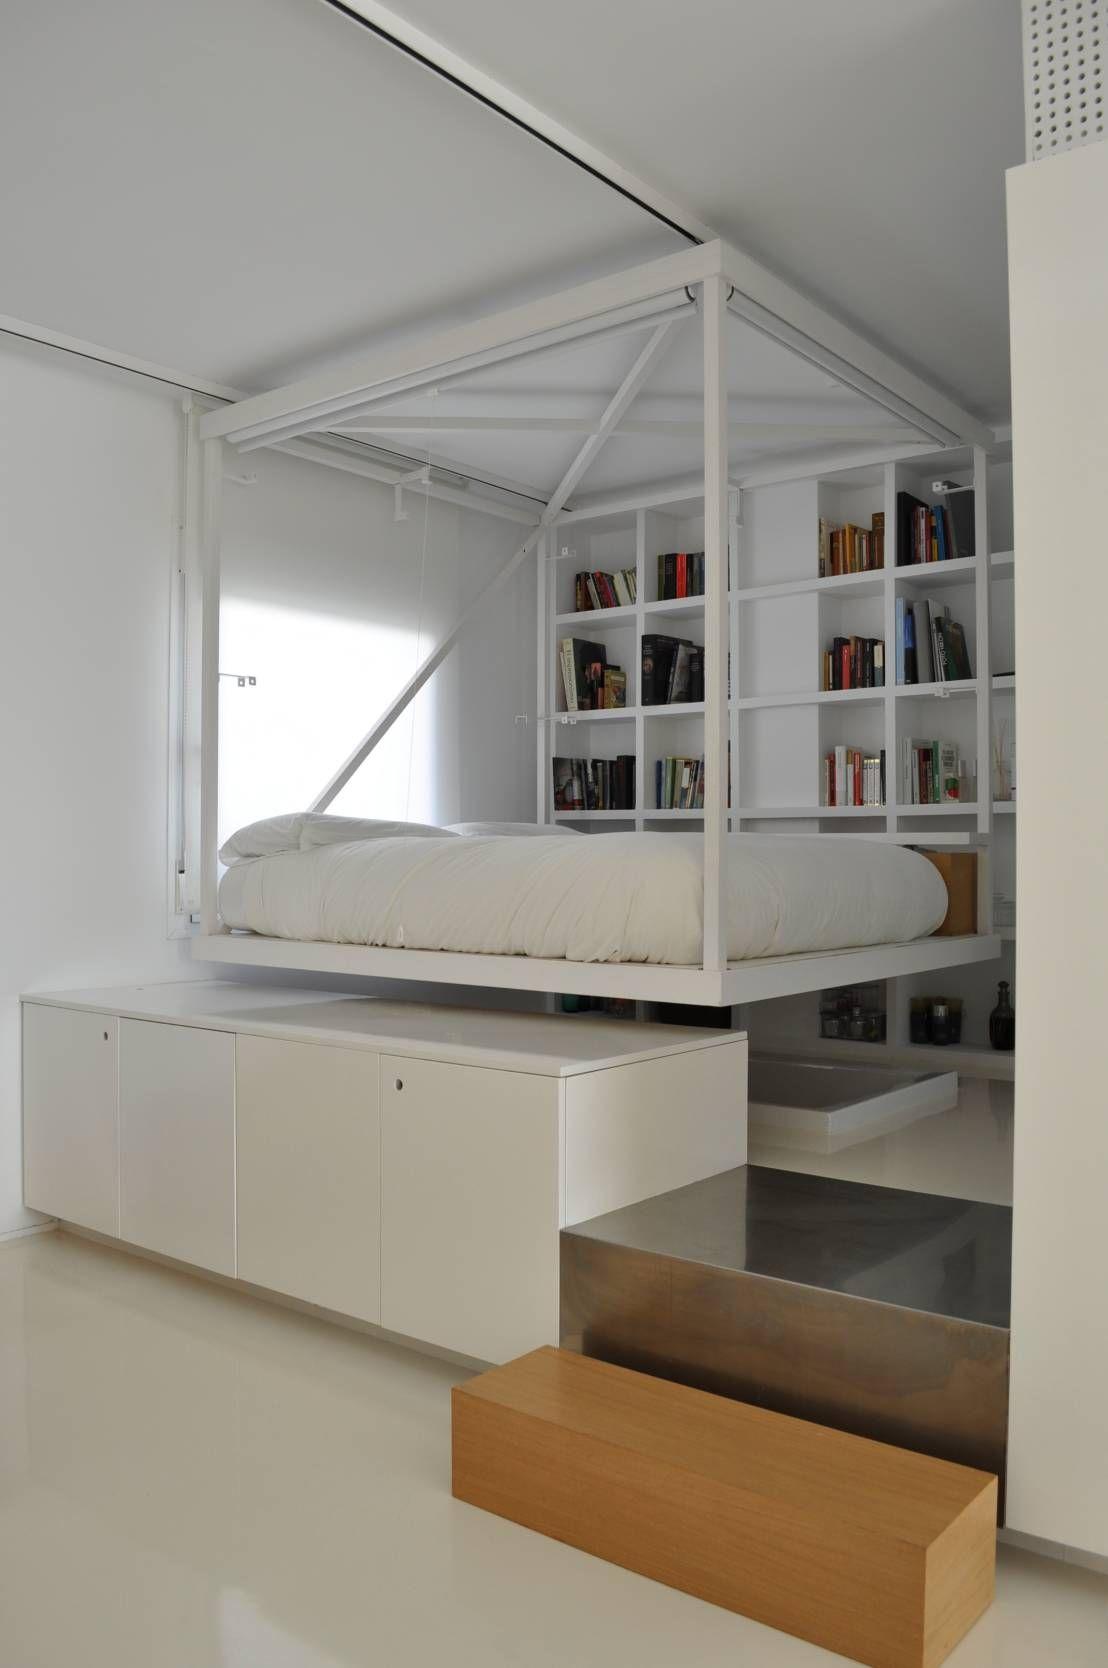 6 entrepisos para casas modernas | Dormitorio minimalista ...